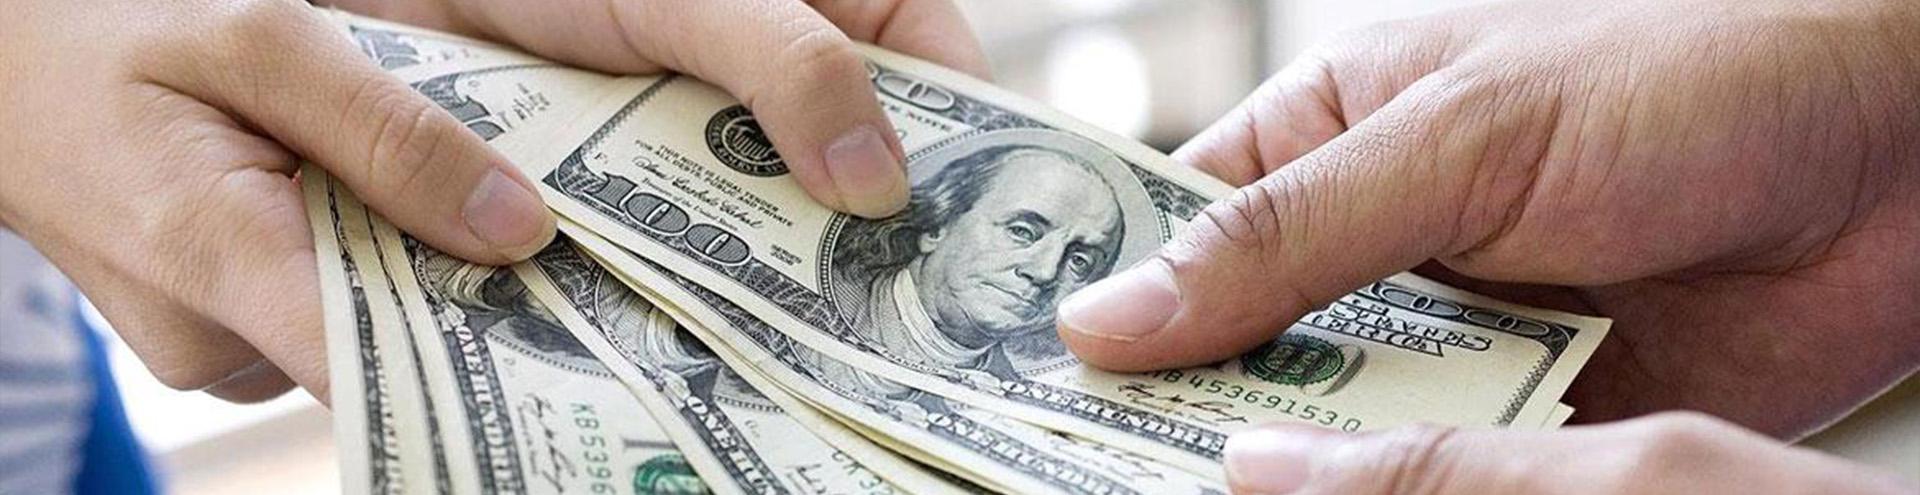 взыскание долгов нижний новгород